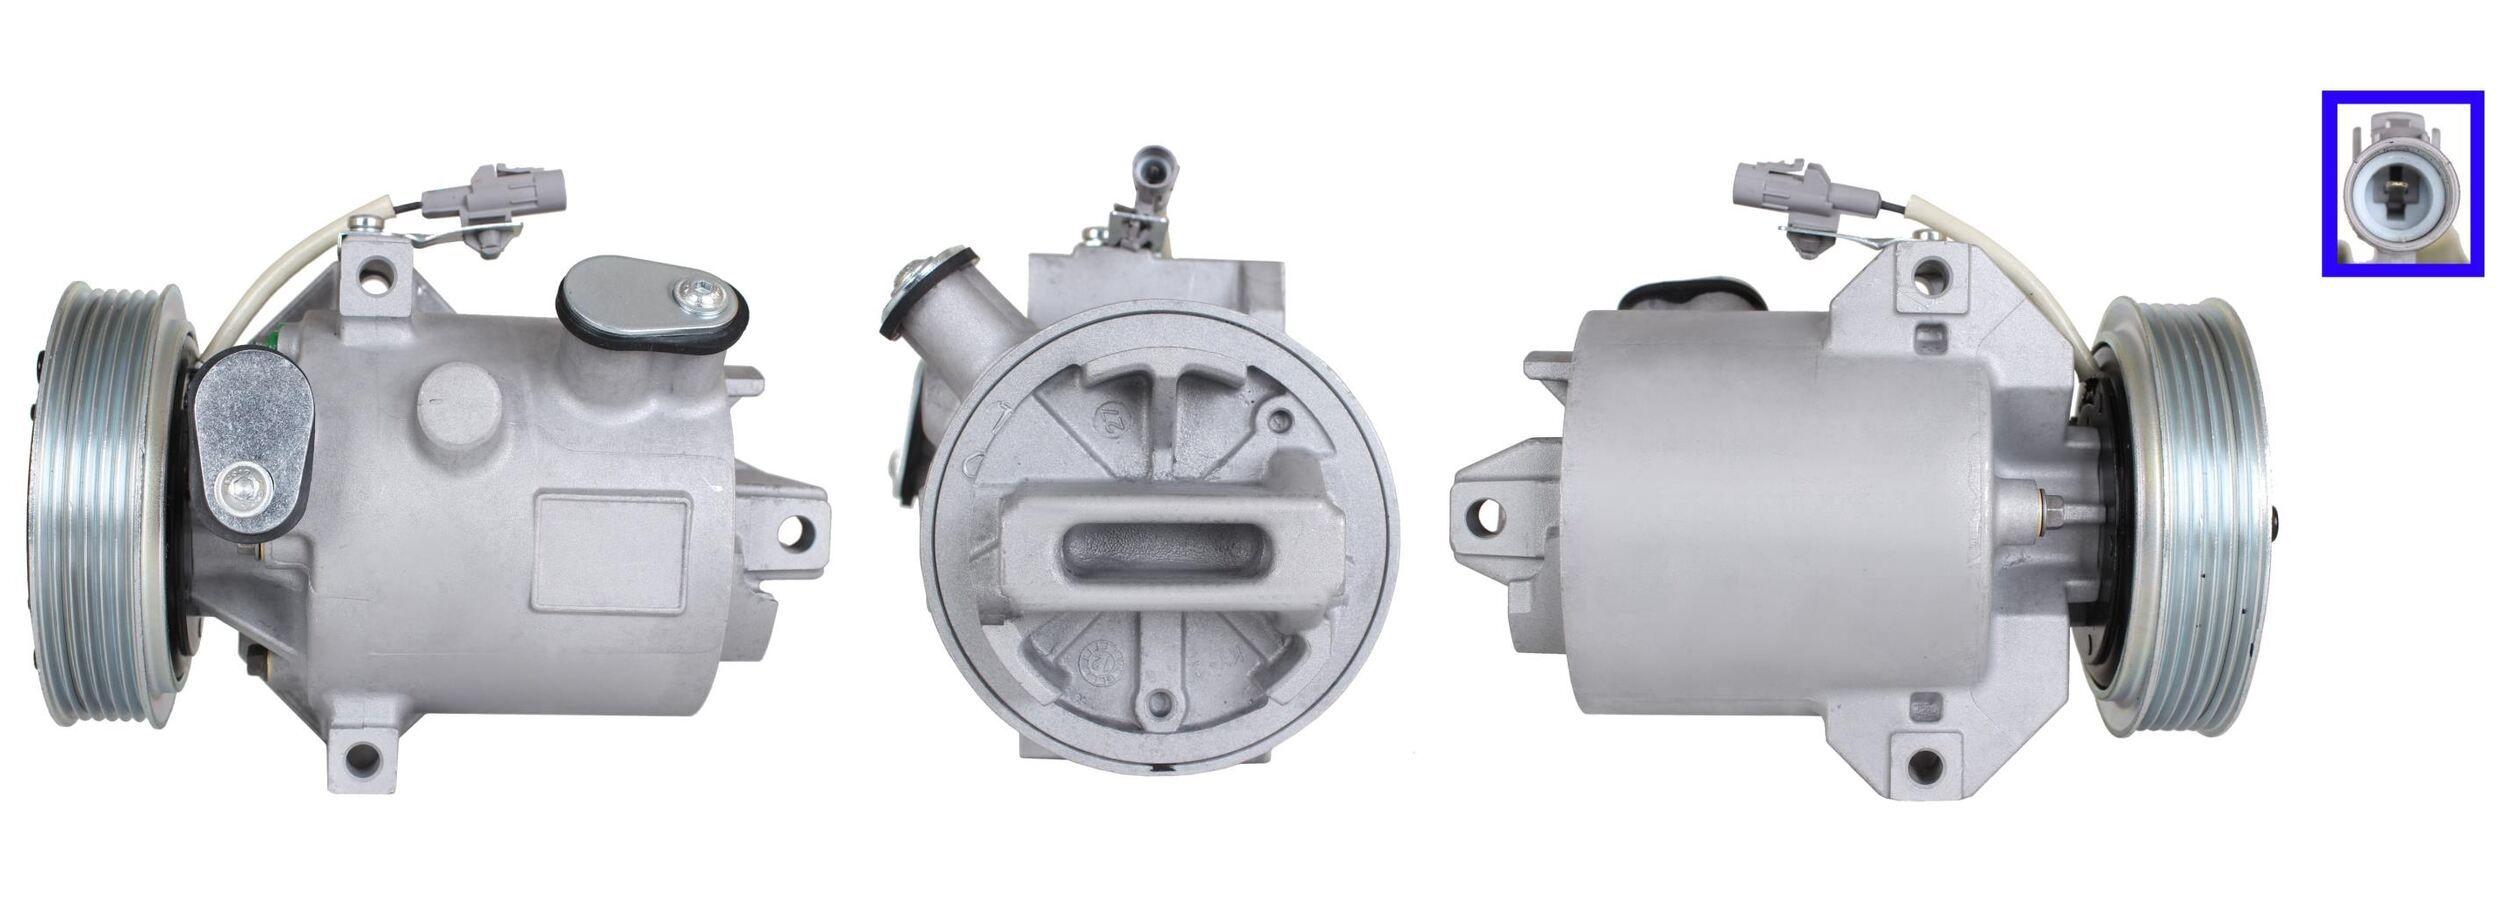 Original MITSUBISHI Kompressor ACP01169